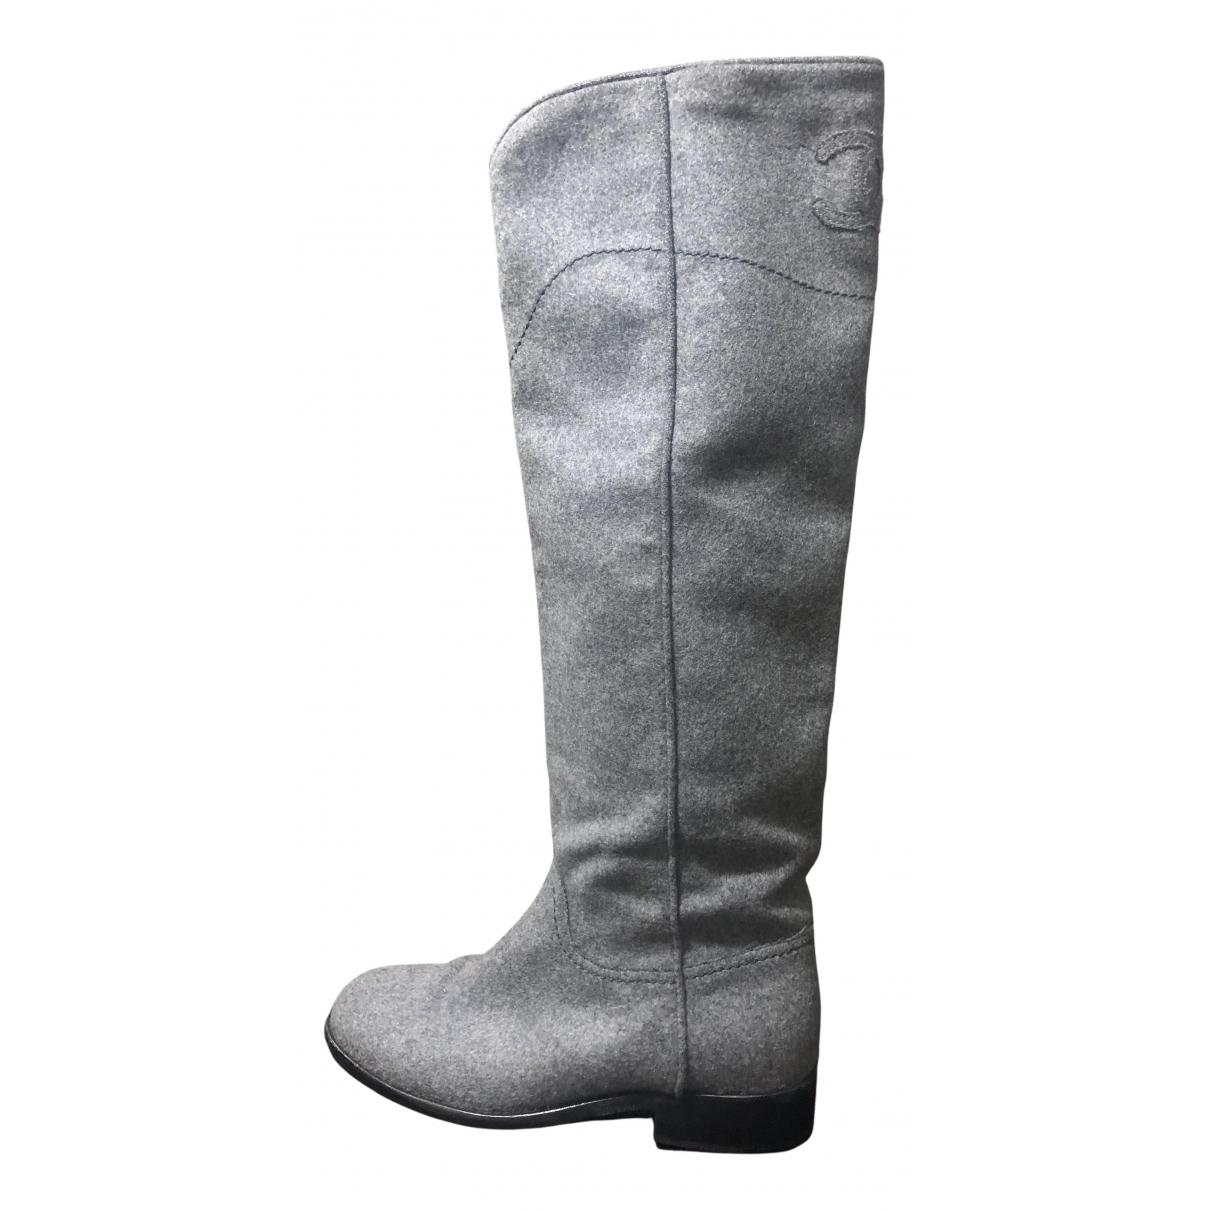 Chanel \N Stiefel in  Grau Leinen